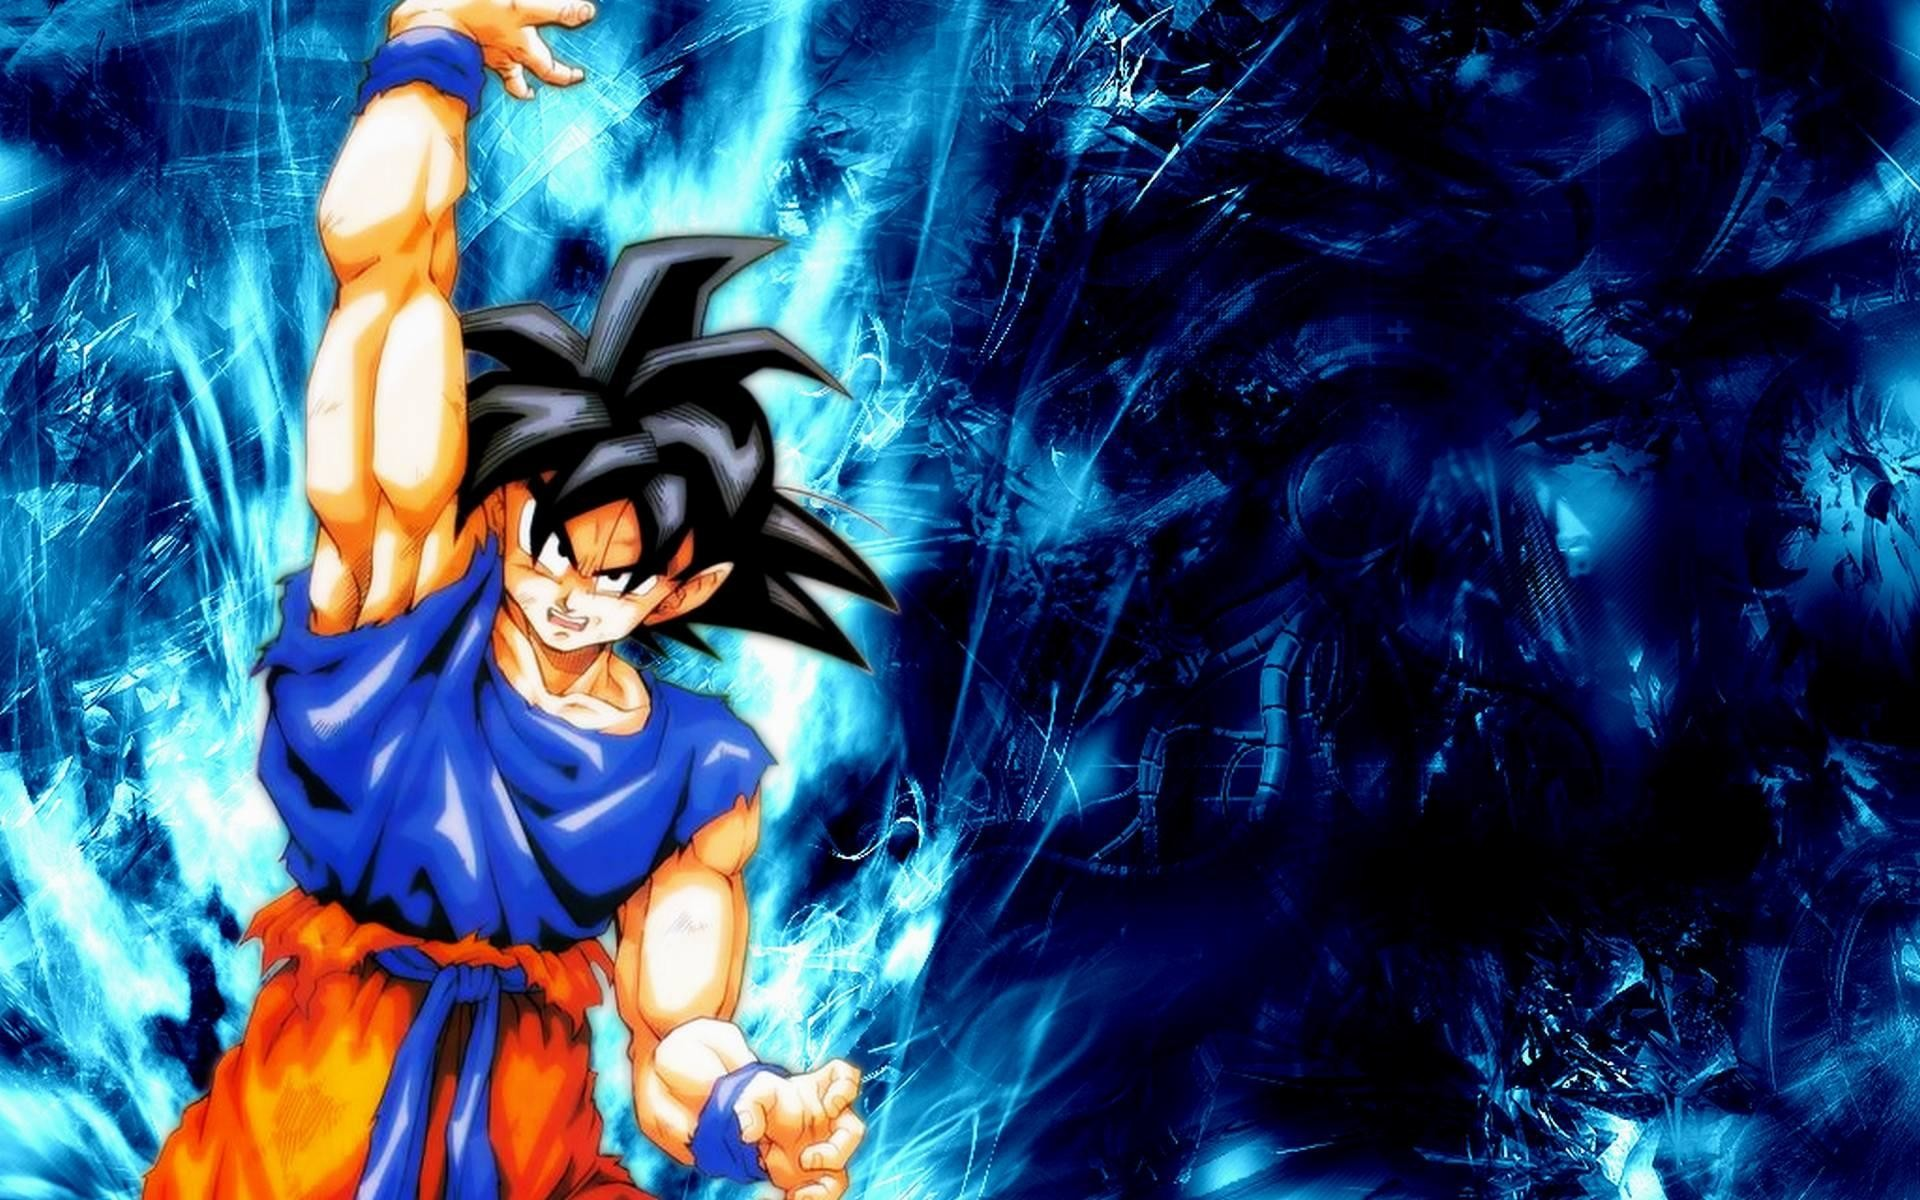 1920x1080 Dragon Ball Z Wallpapers Goku Super Saiyan 1000